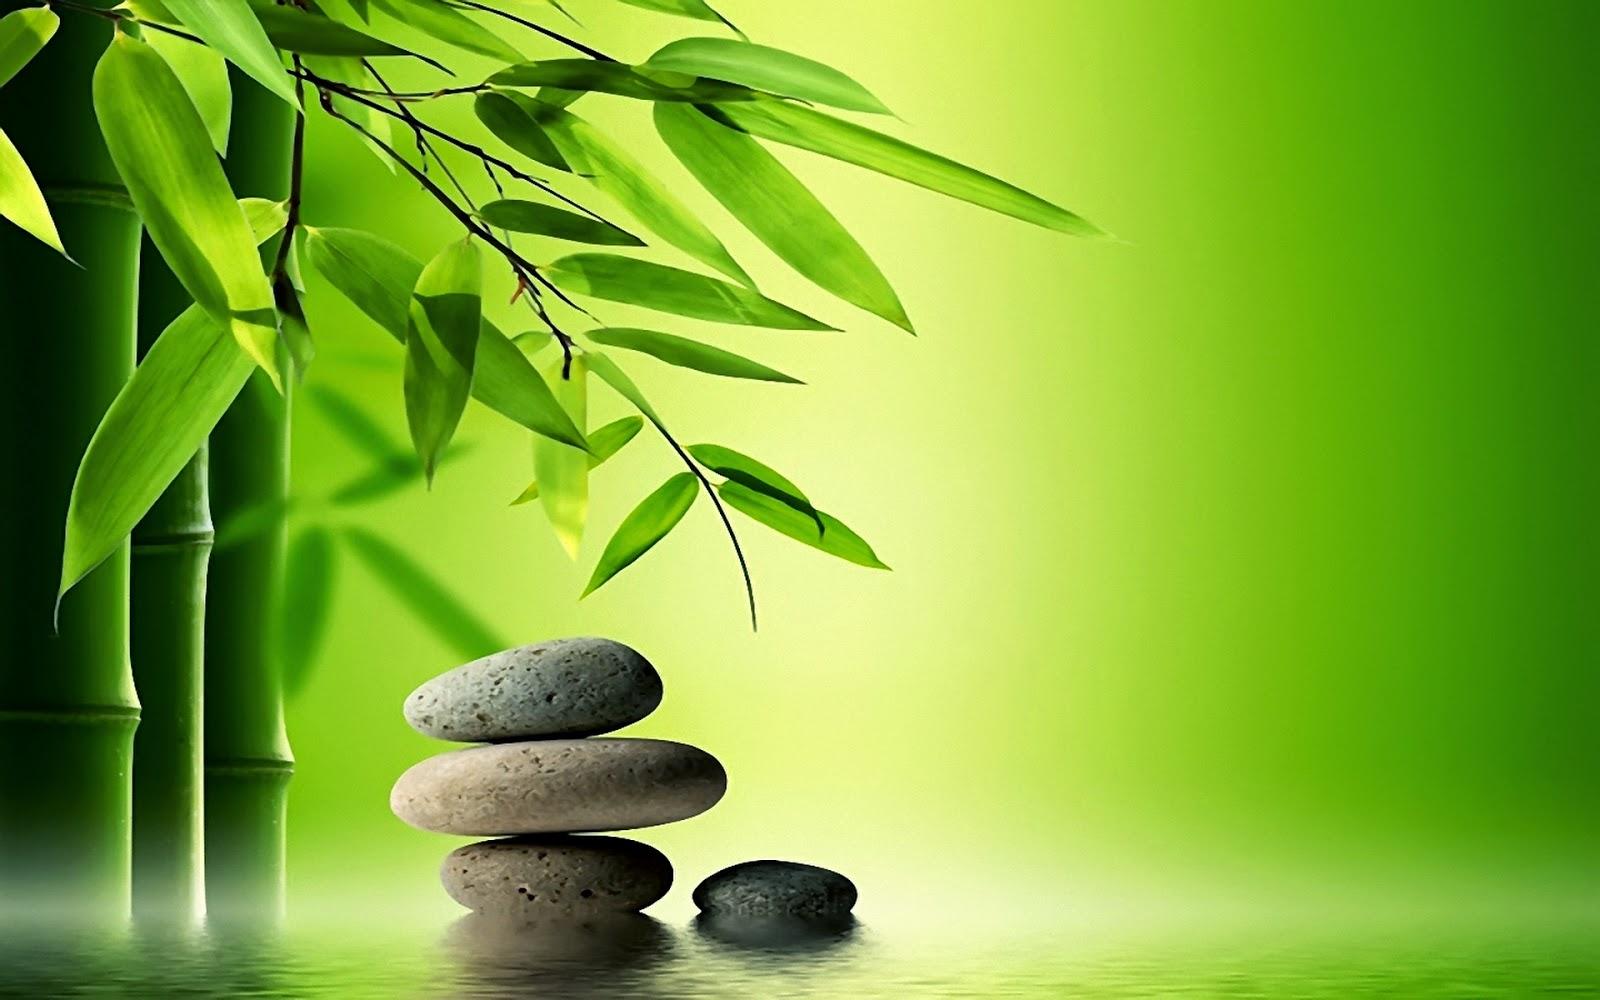 zen garden theme pictures 1080p hd quality download jpg zen 1600x1000